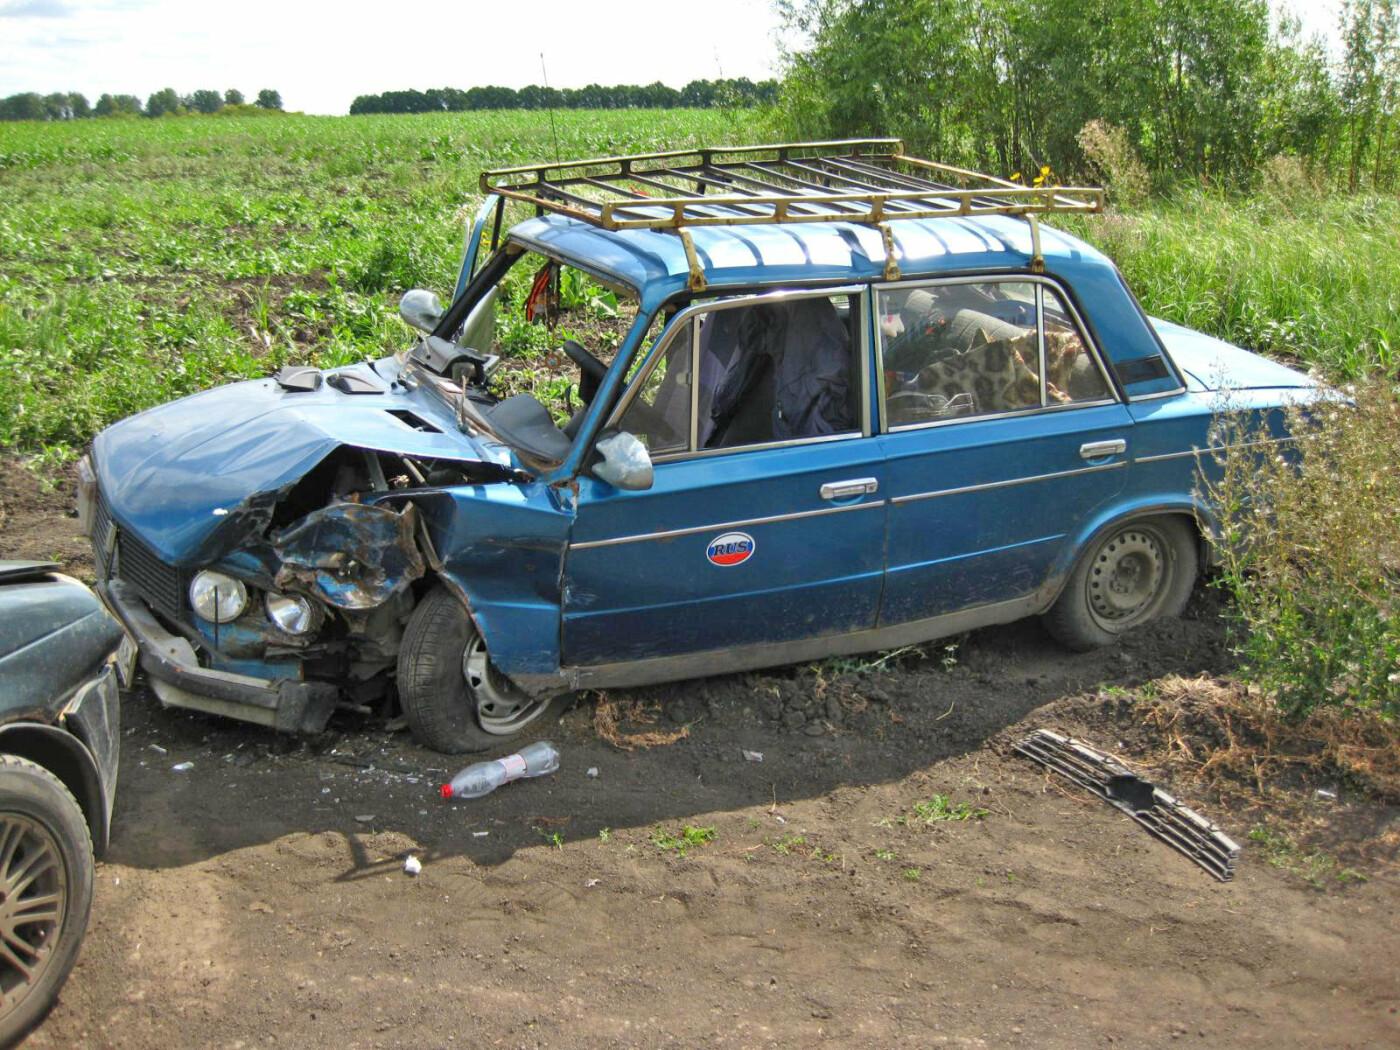 В Тамбовской области в поле столкнулись две легковушки: пострадали три человека, фото-1